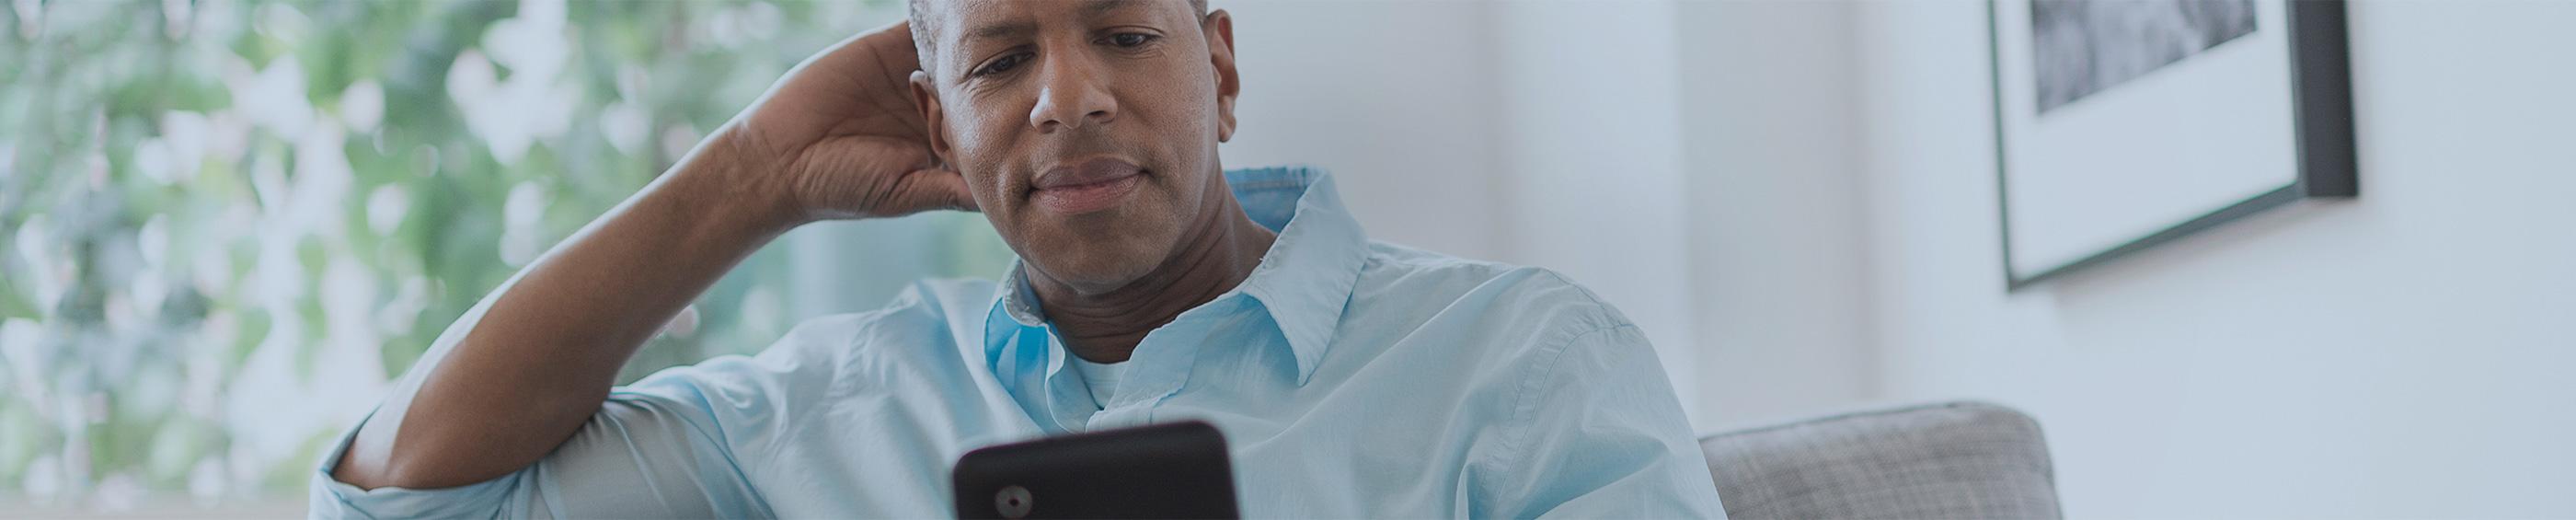 Un père de famille assis sur un canapé en train de lire sur sa tablette